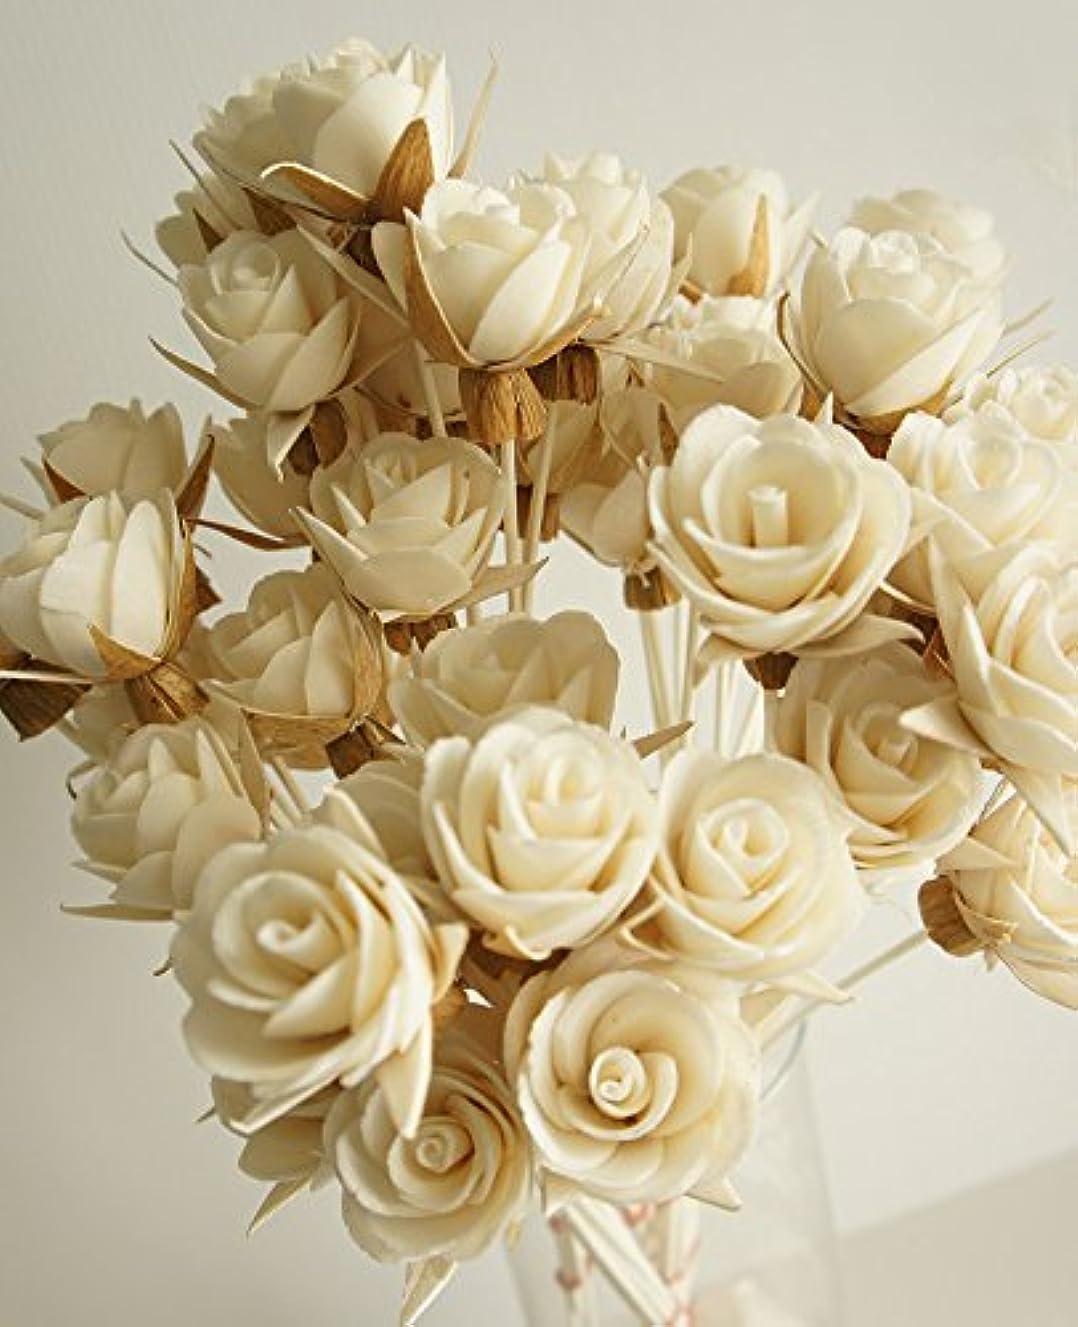 ゆでるログカロリーエキゾチックエレガンスのセット50ローズデザインSola Flowerスティックfor Aroma Diffuser直径1.5。」